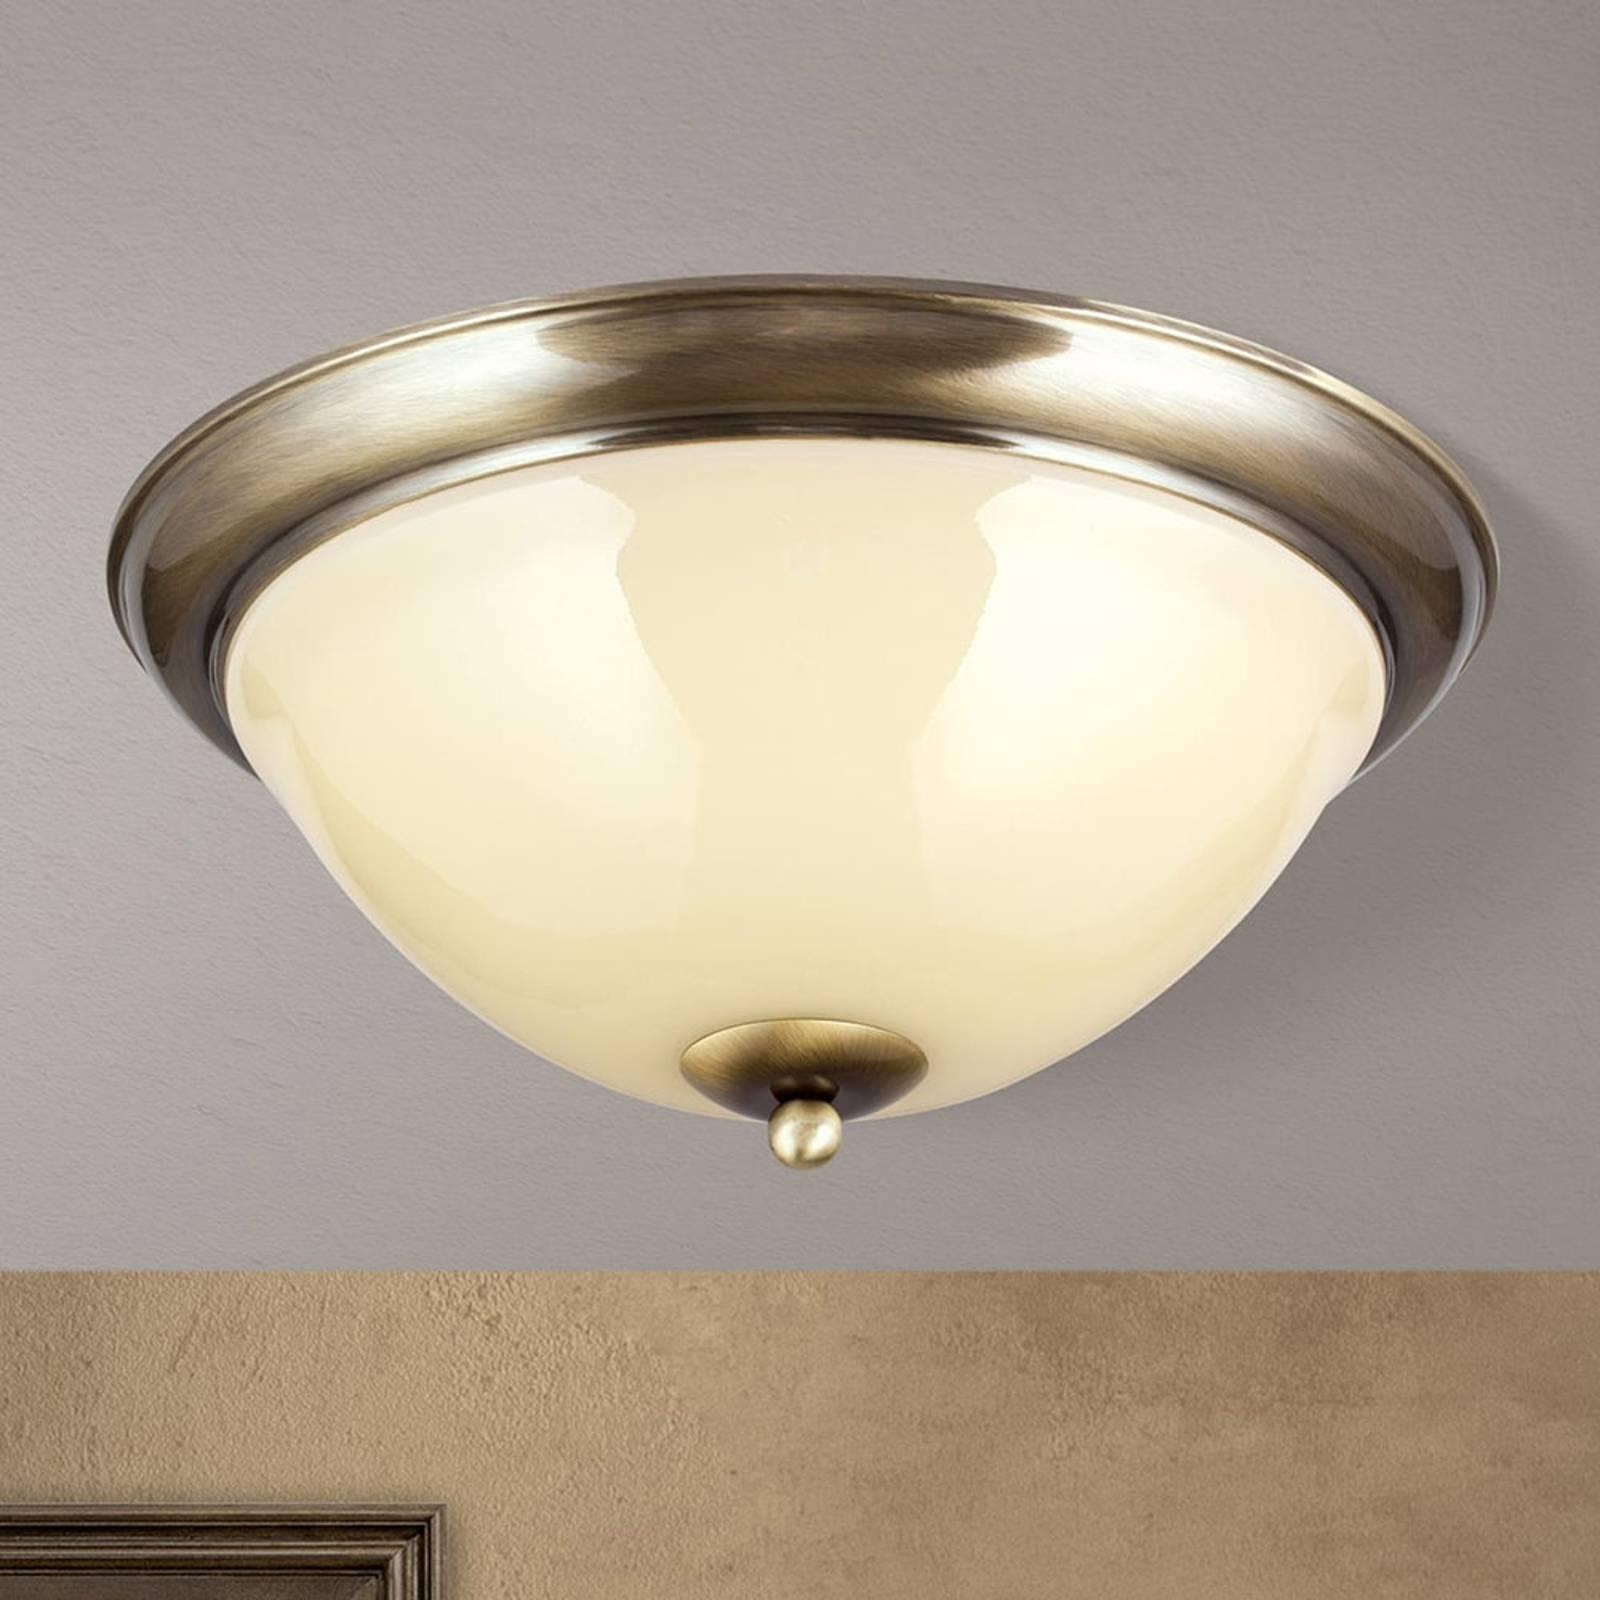 Deckenleuchte Austrian Old Lamp, Ø 37 cm